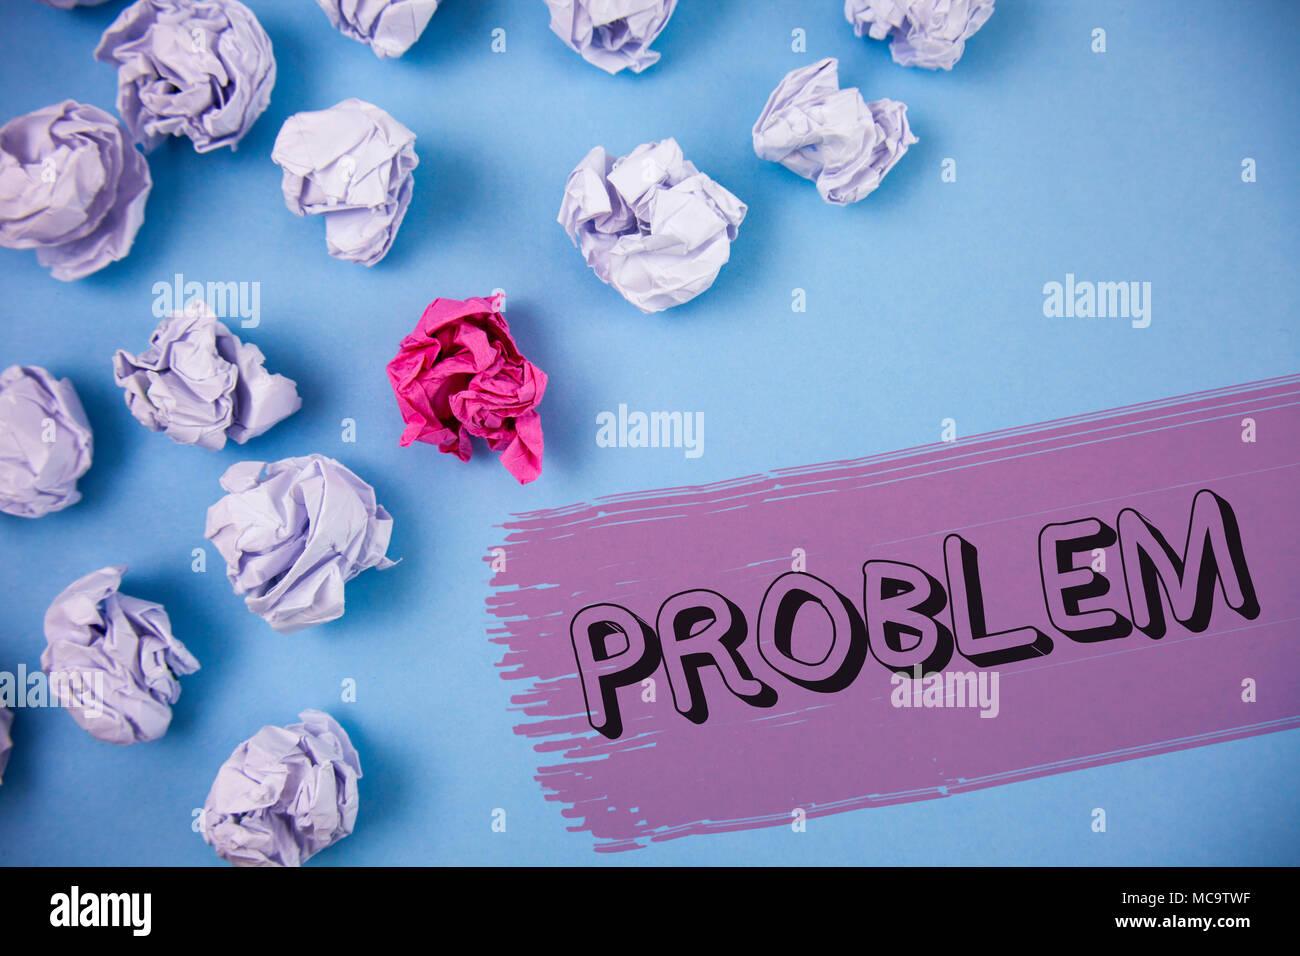 Escritura de texto de Word problema. Concepto de negocio para el problema que necesita resolverse situación difícil complicación escrito el fondo pintado de deformación Imagen De Stock